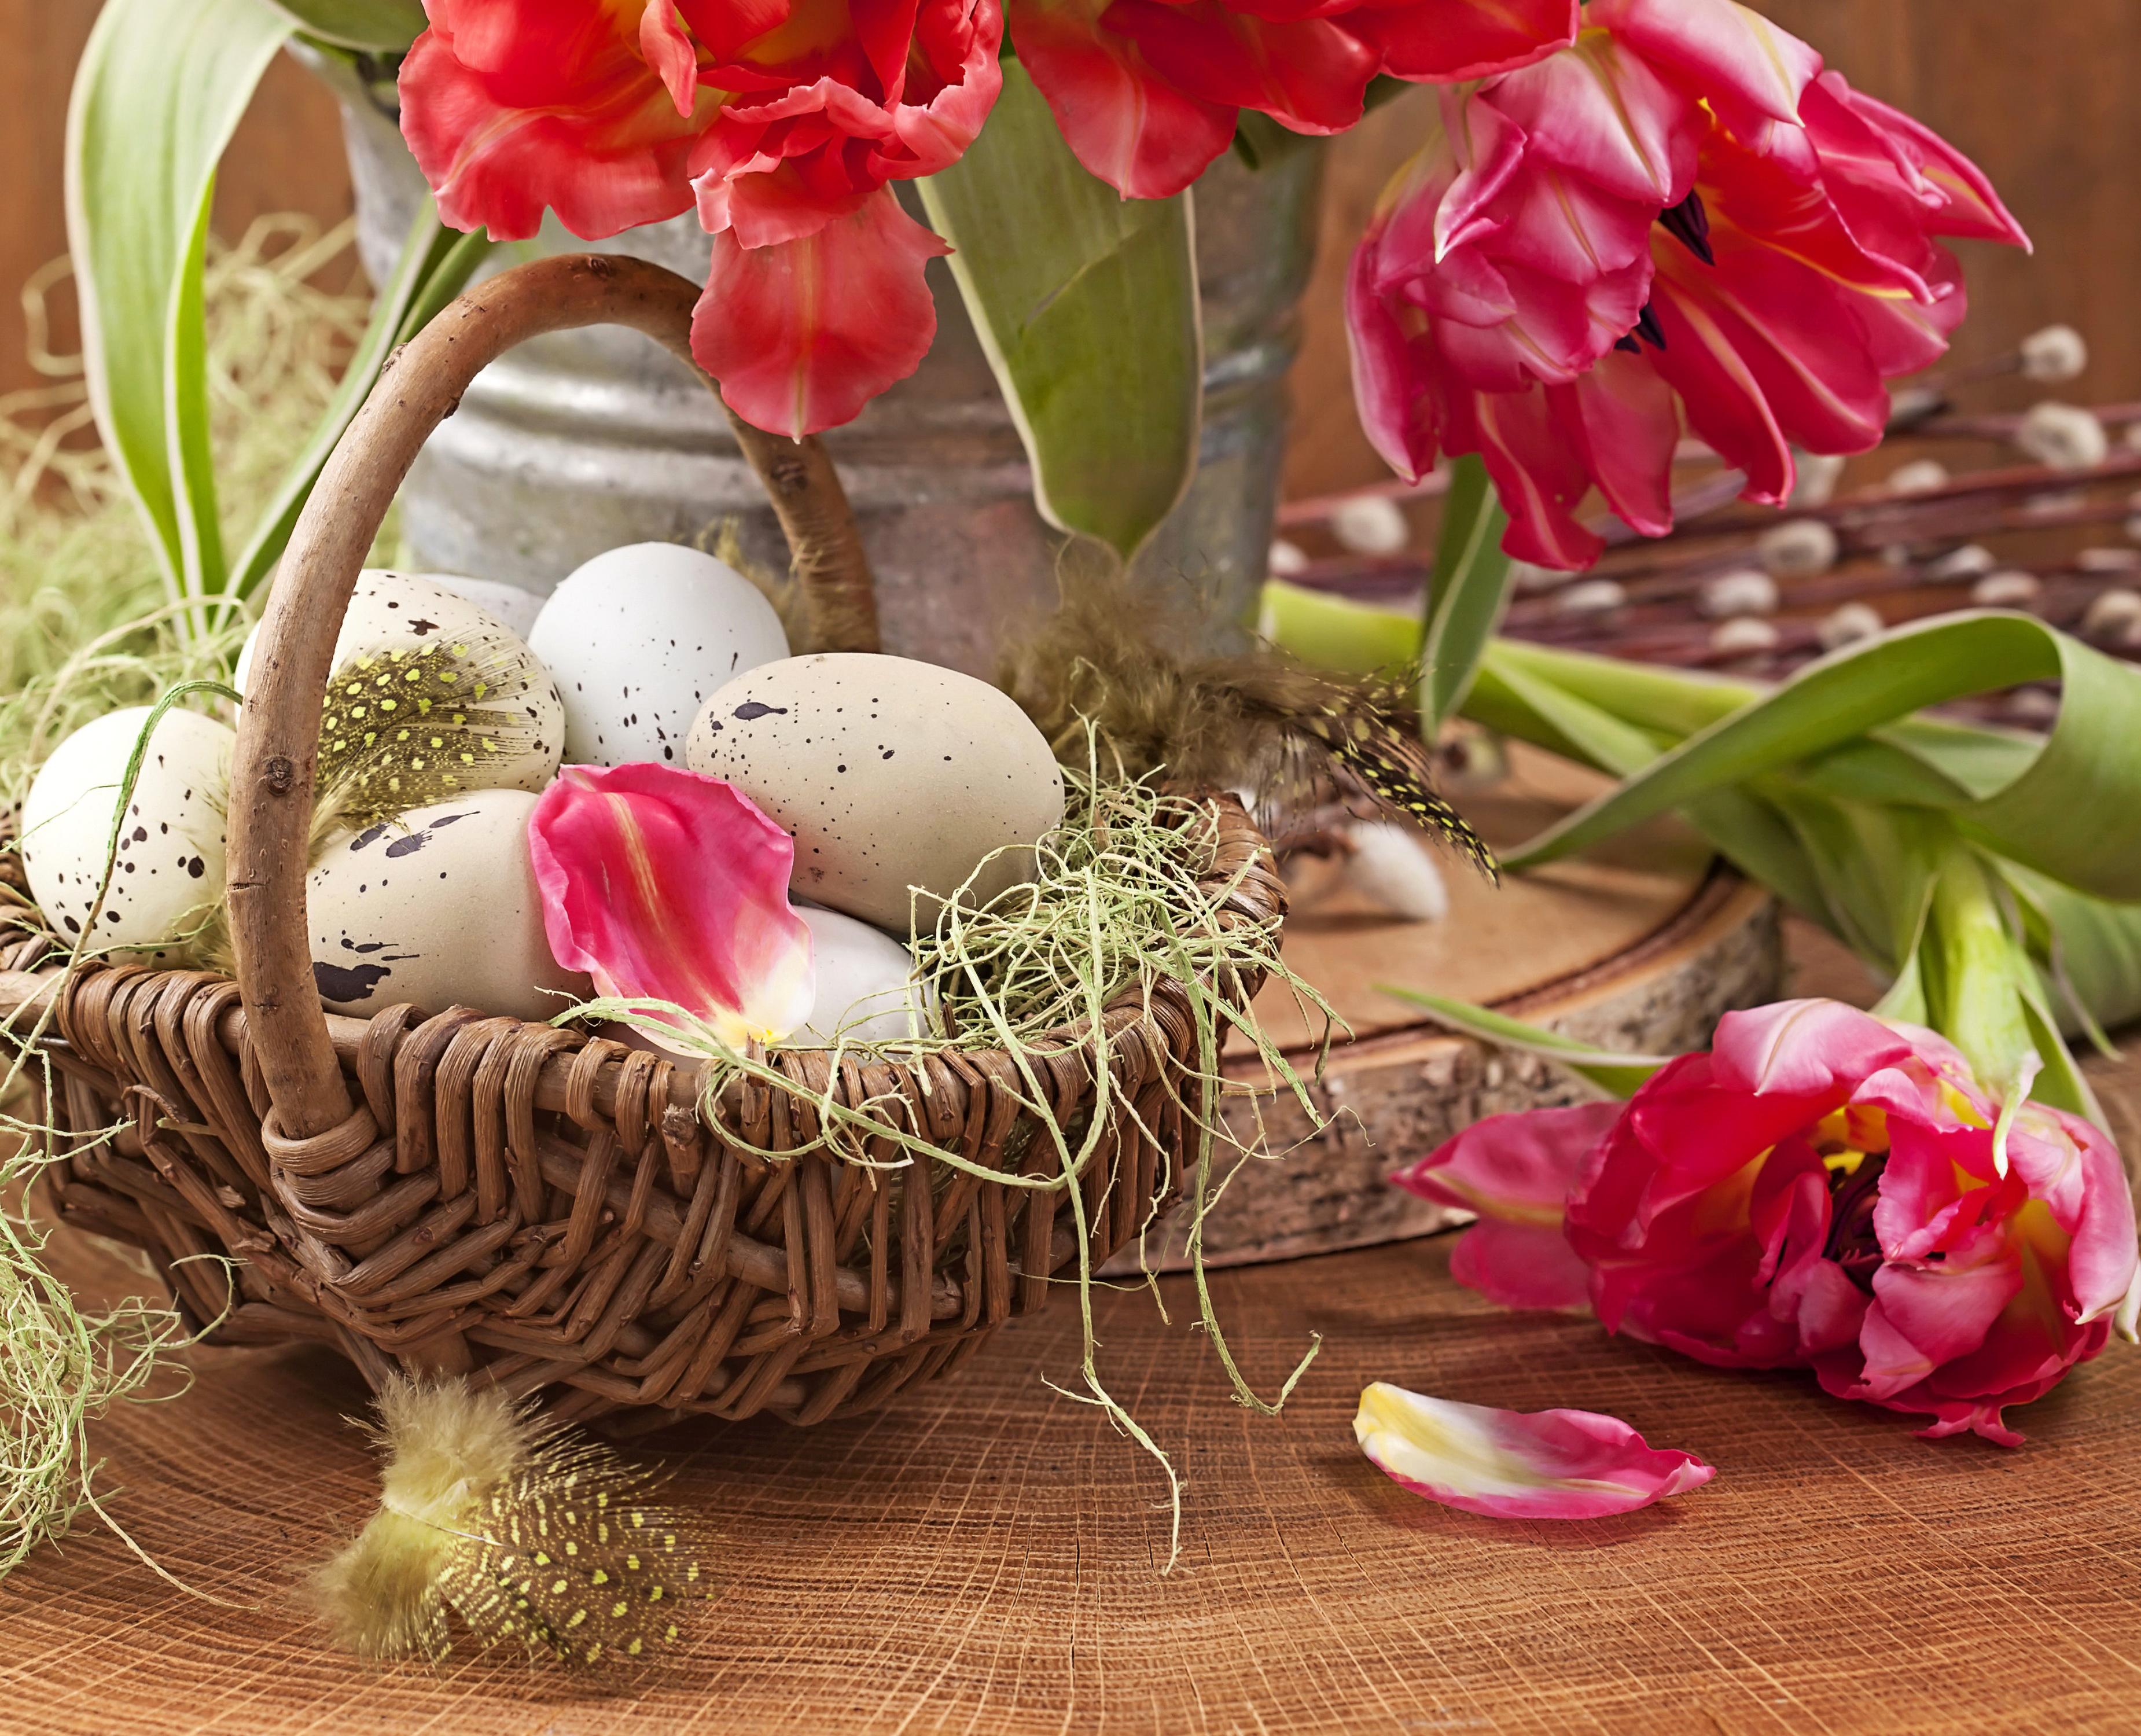 пасха яйца корзина  № 3923056 загрузить